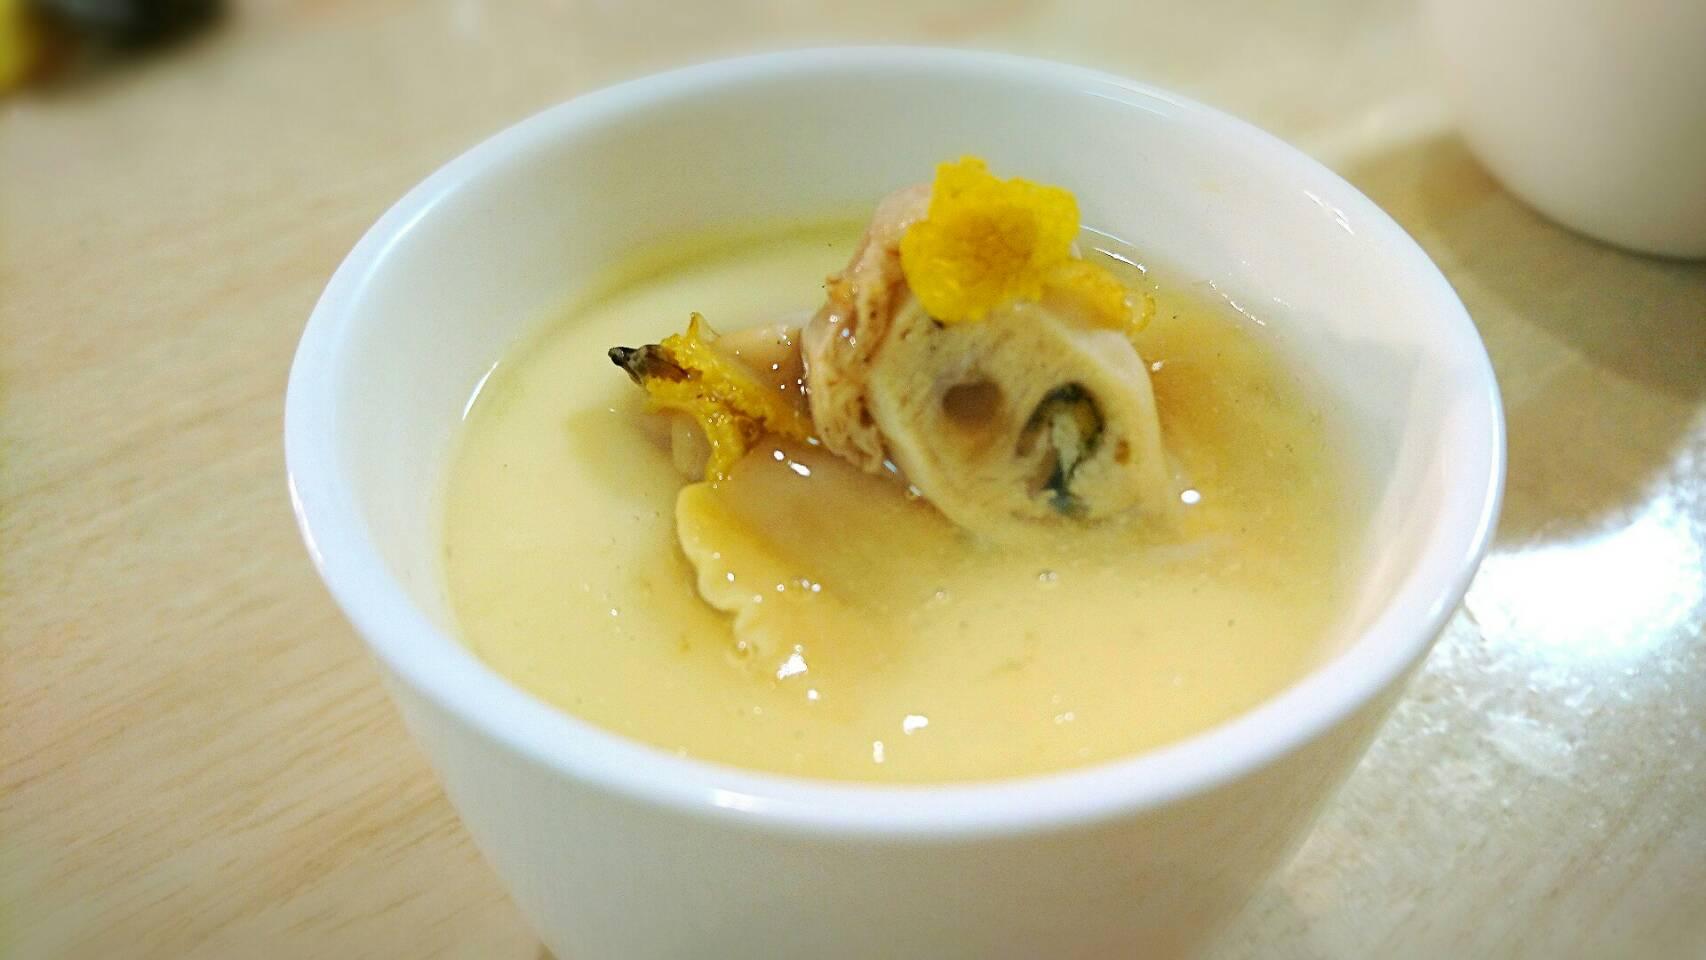 湯煎で料亭の味 ホンビノス貝のトロトロ茶碗蒸し